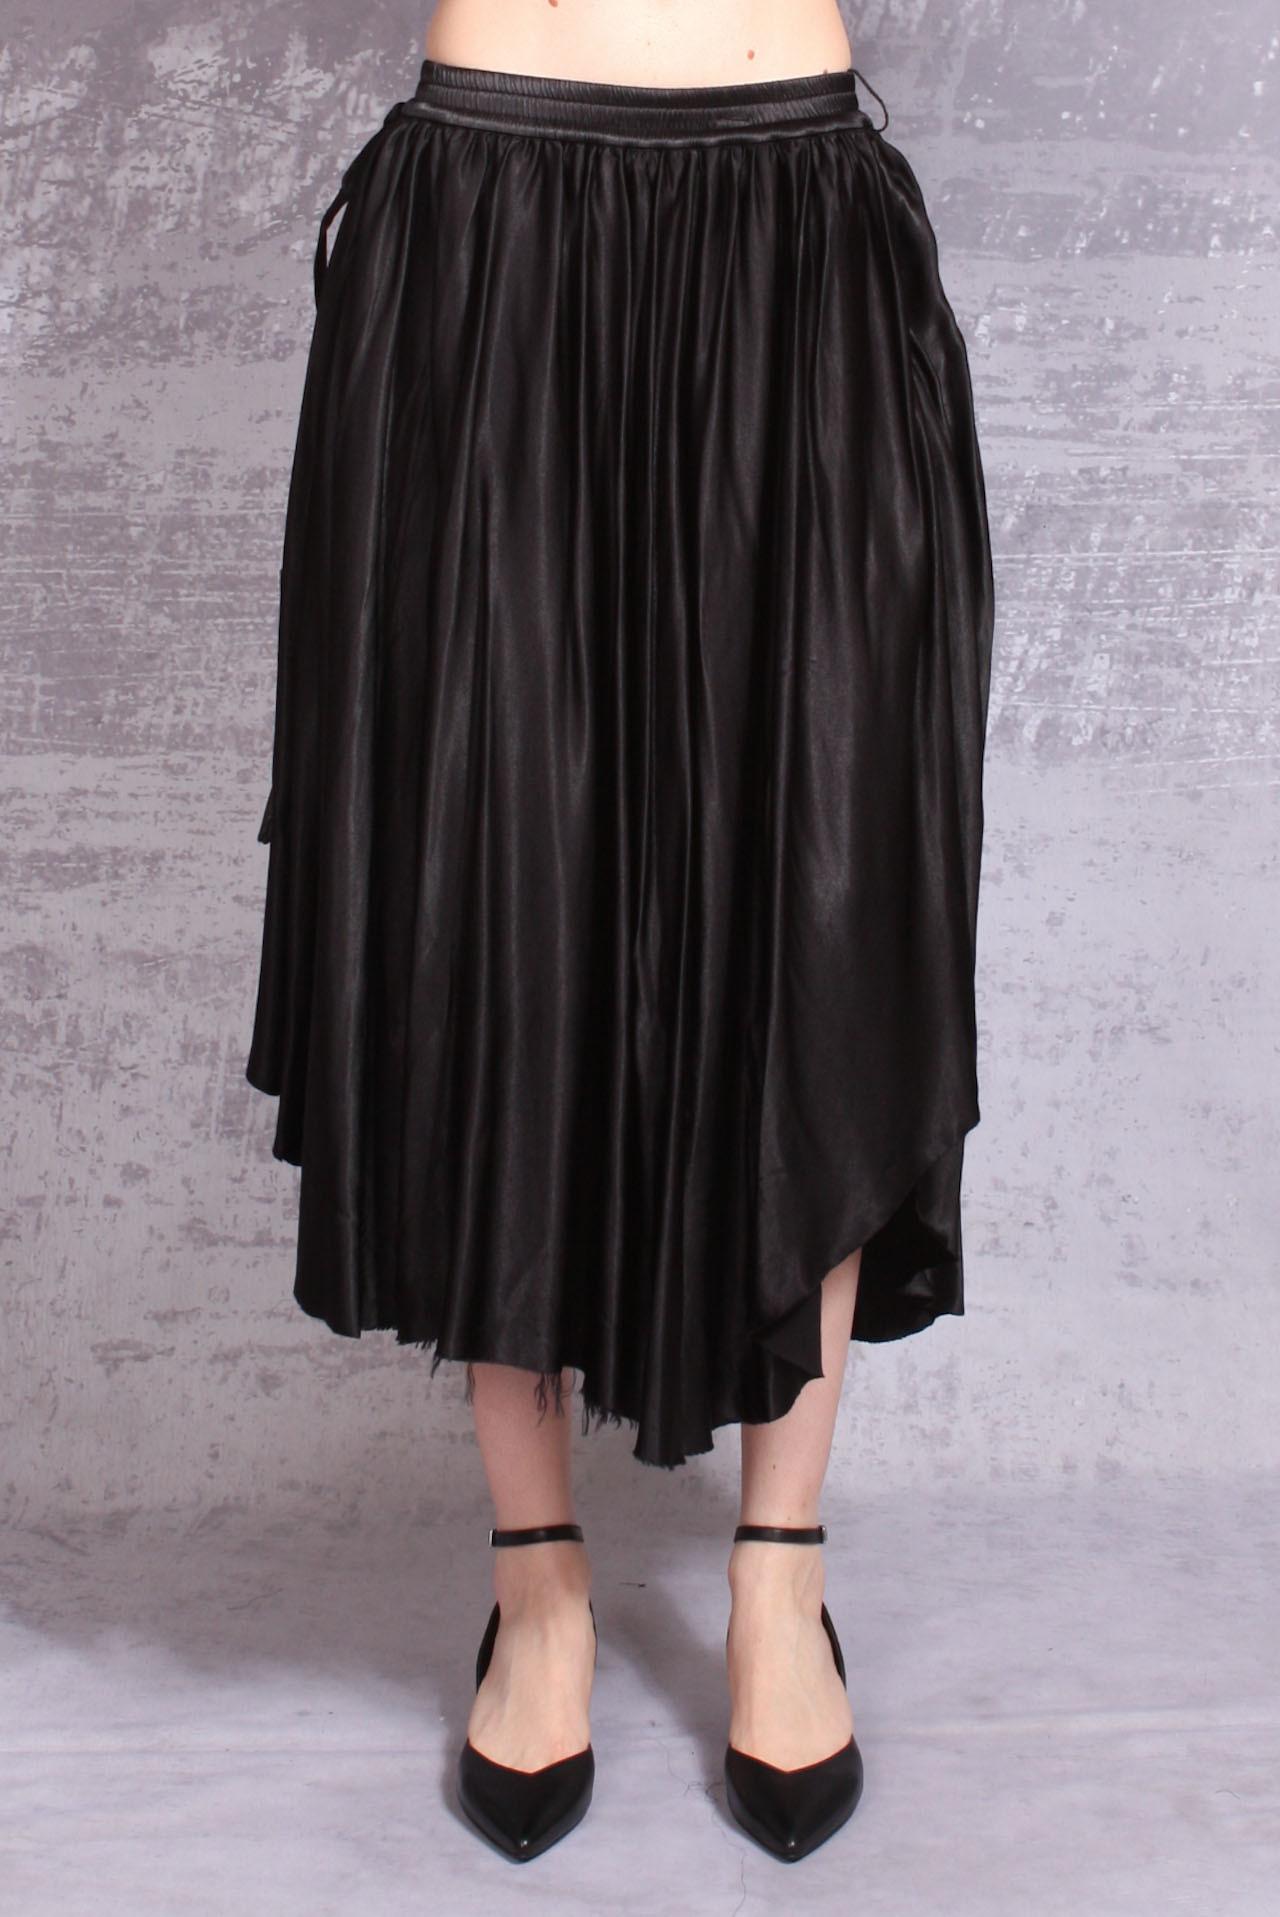 Sagittaire A skirt